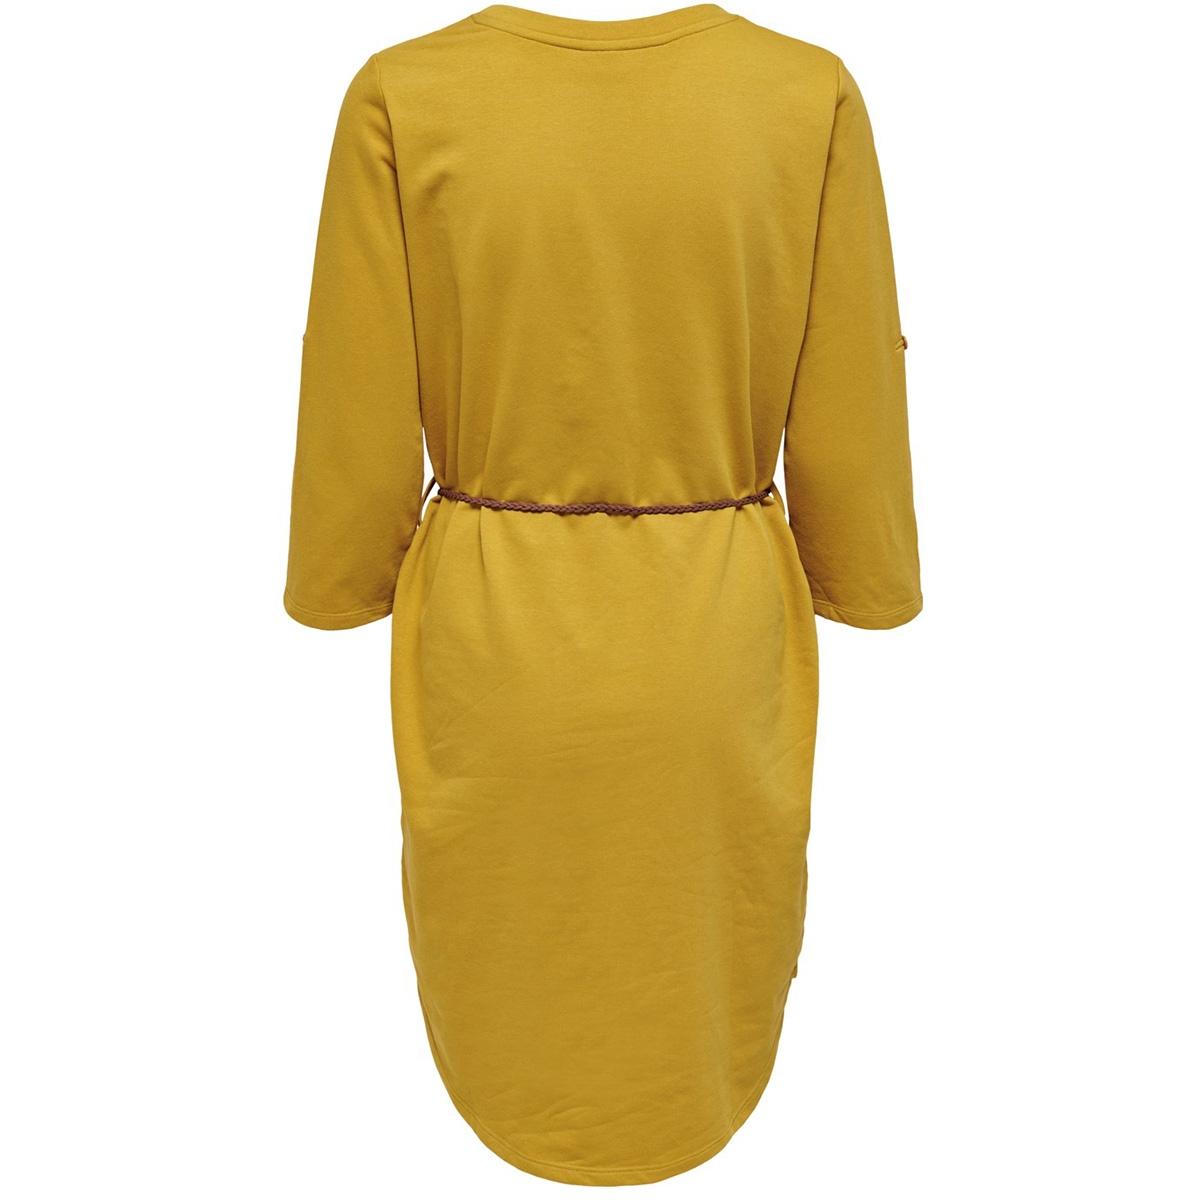 jdyivy 3/4 belt  dress jrs noos 15184136 jacqueline de yong jurk harvest gold/fake suede